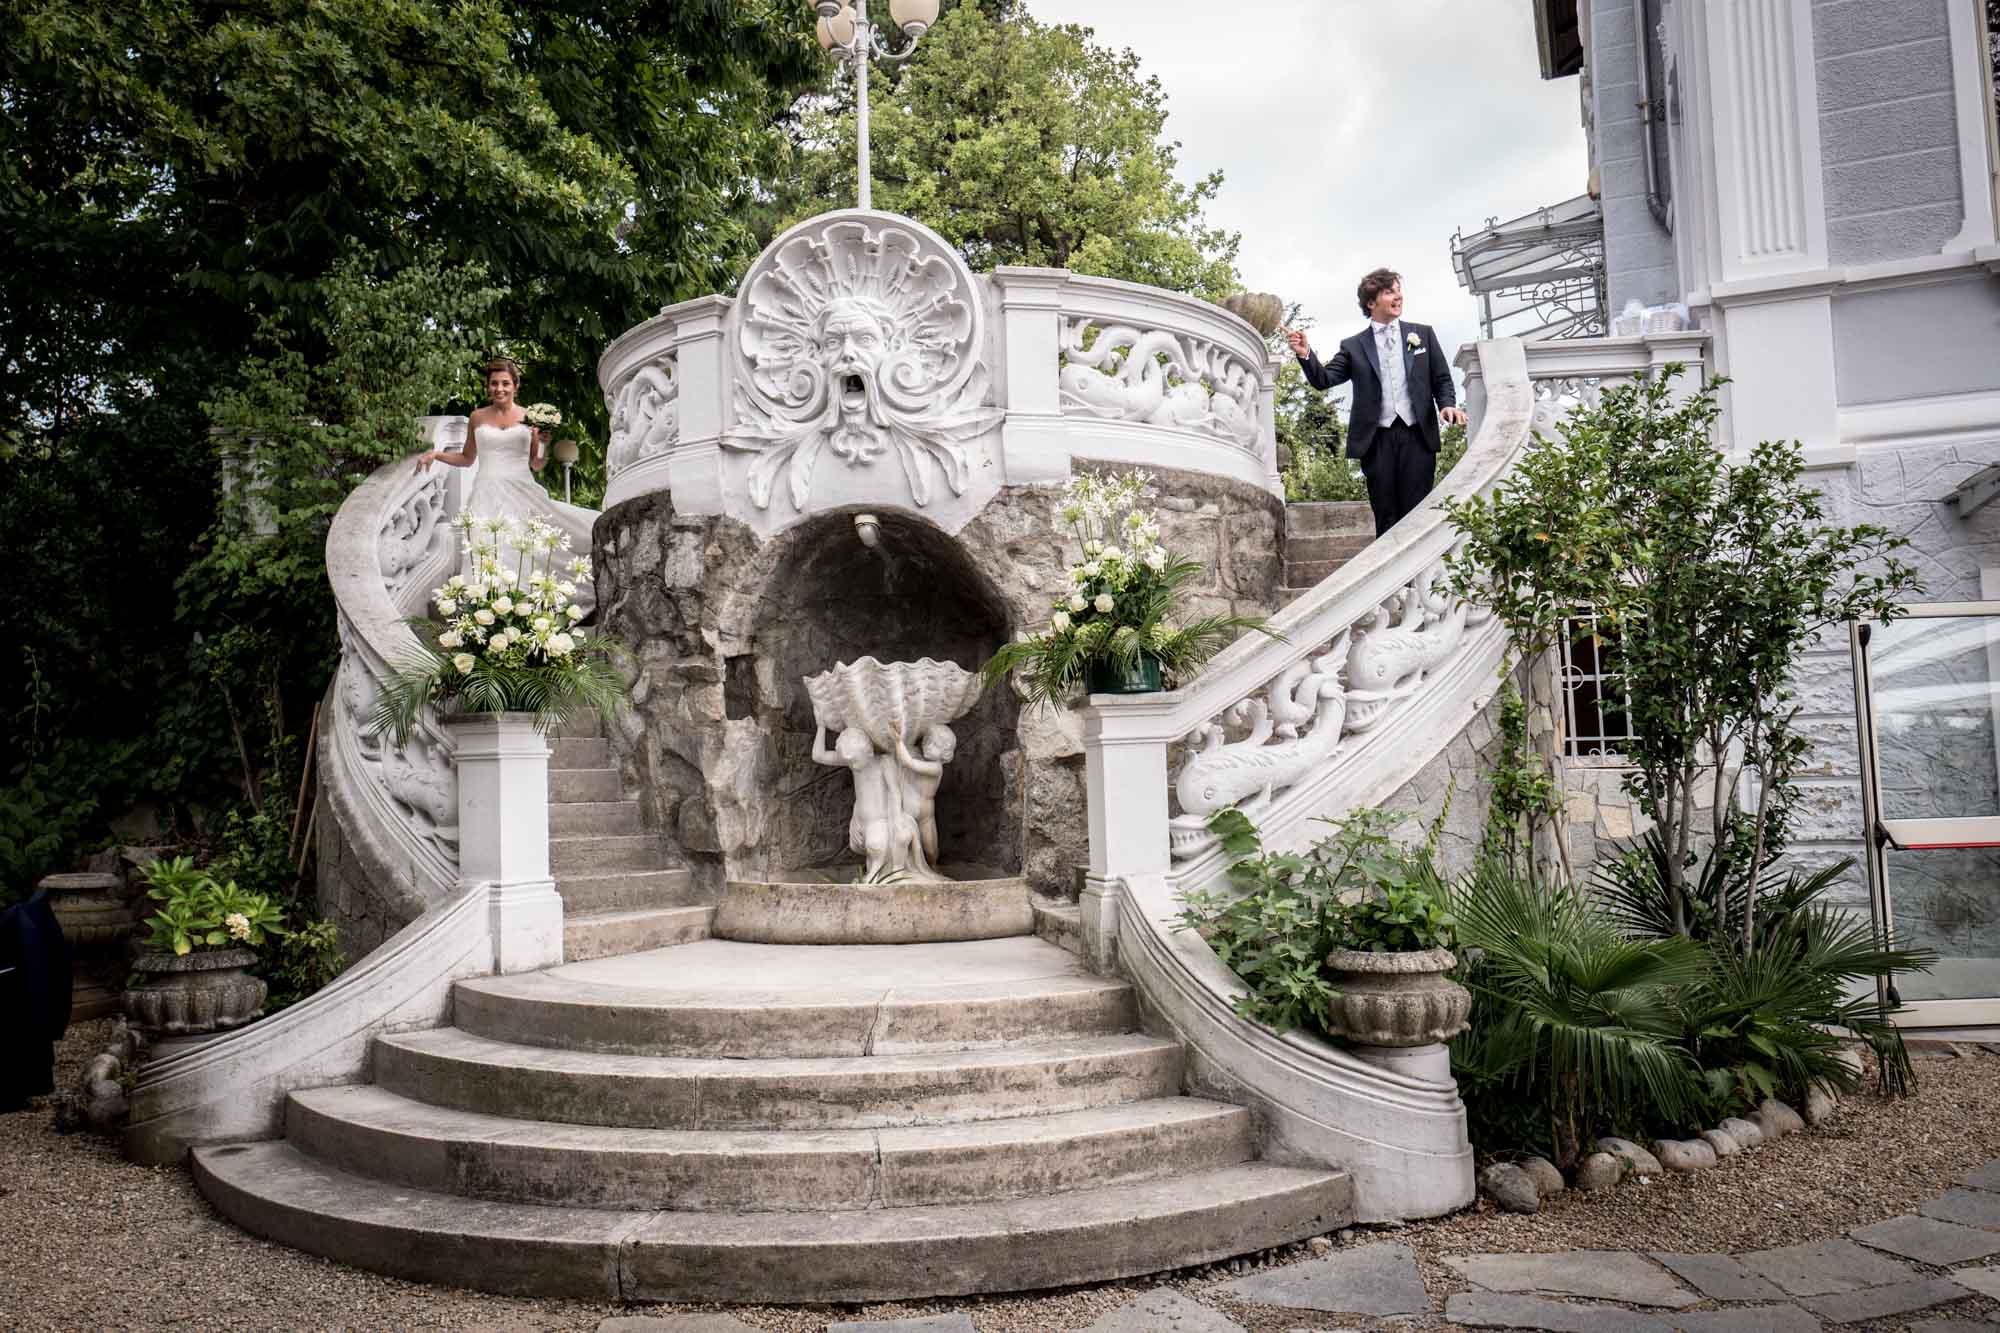 0057_artfoto_torino_fotografomatrimonio_Villa Somis_matrimonio_wedding_L1180016